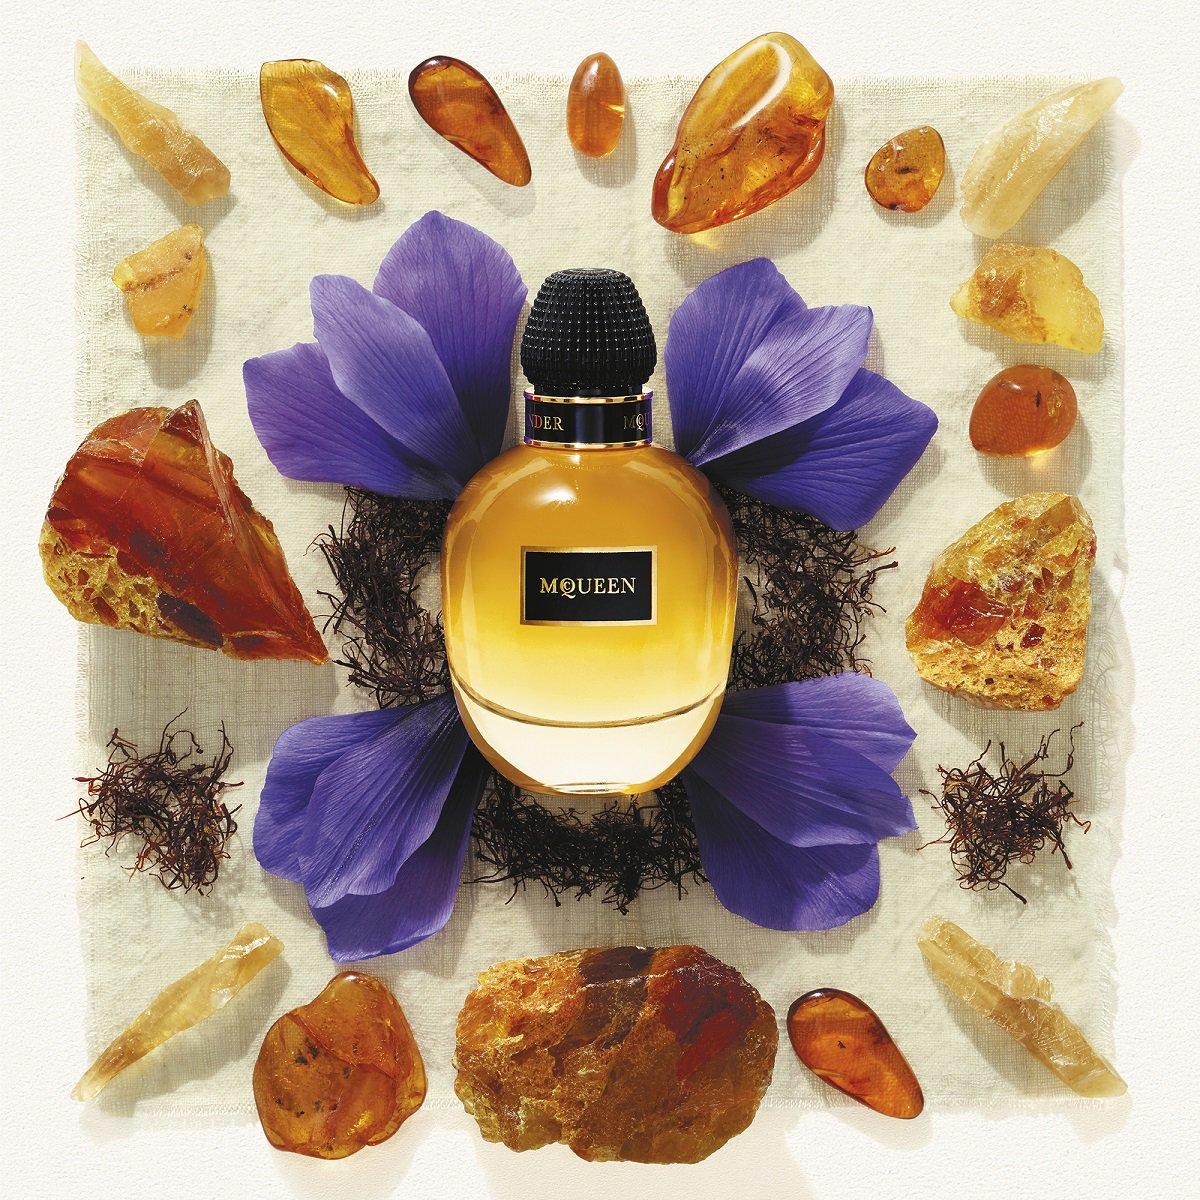 McQueen Collection AMBER GARDEN Eau de Parfum